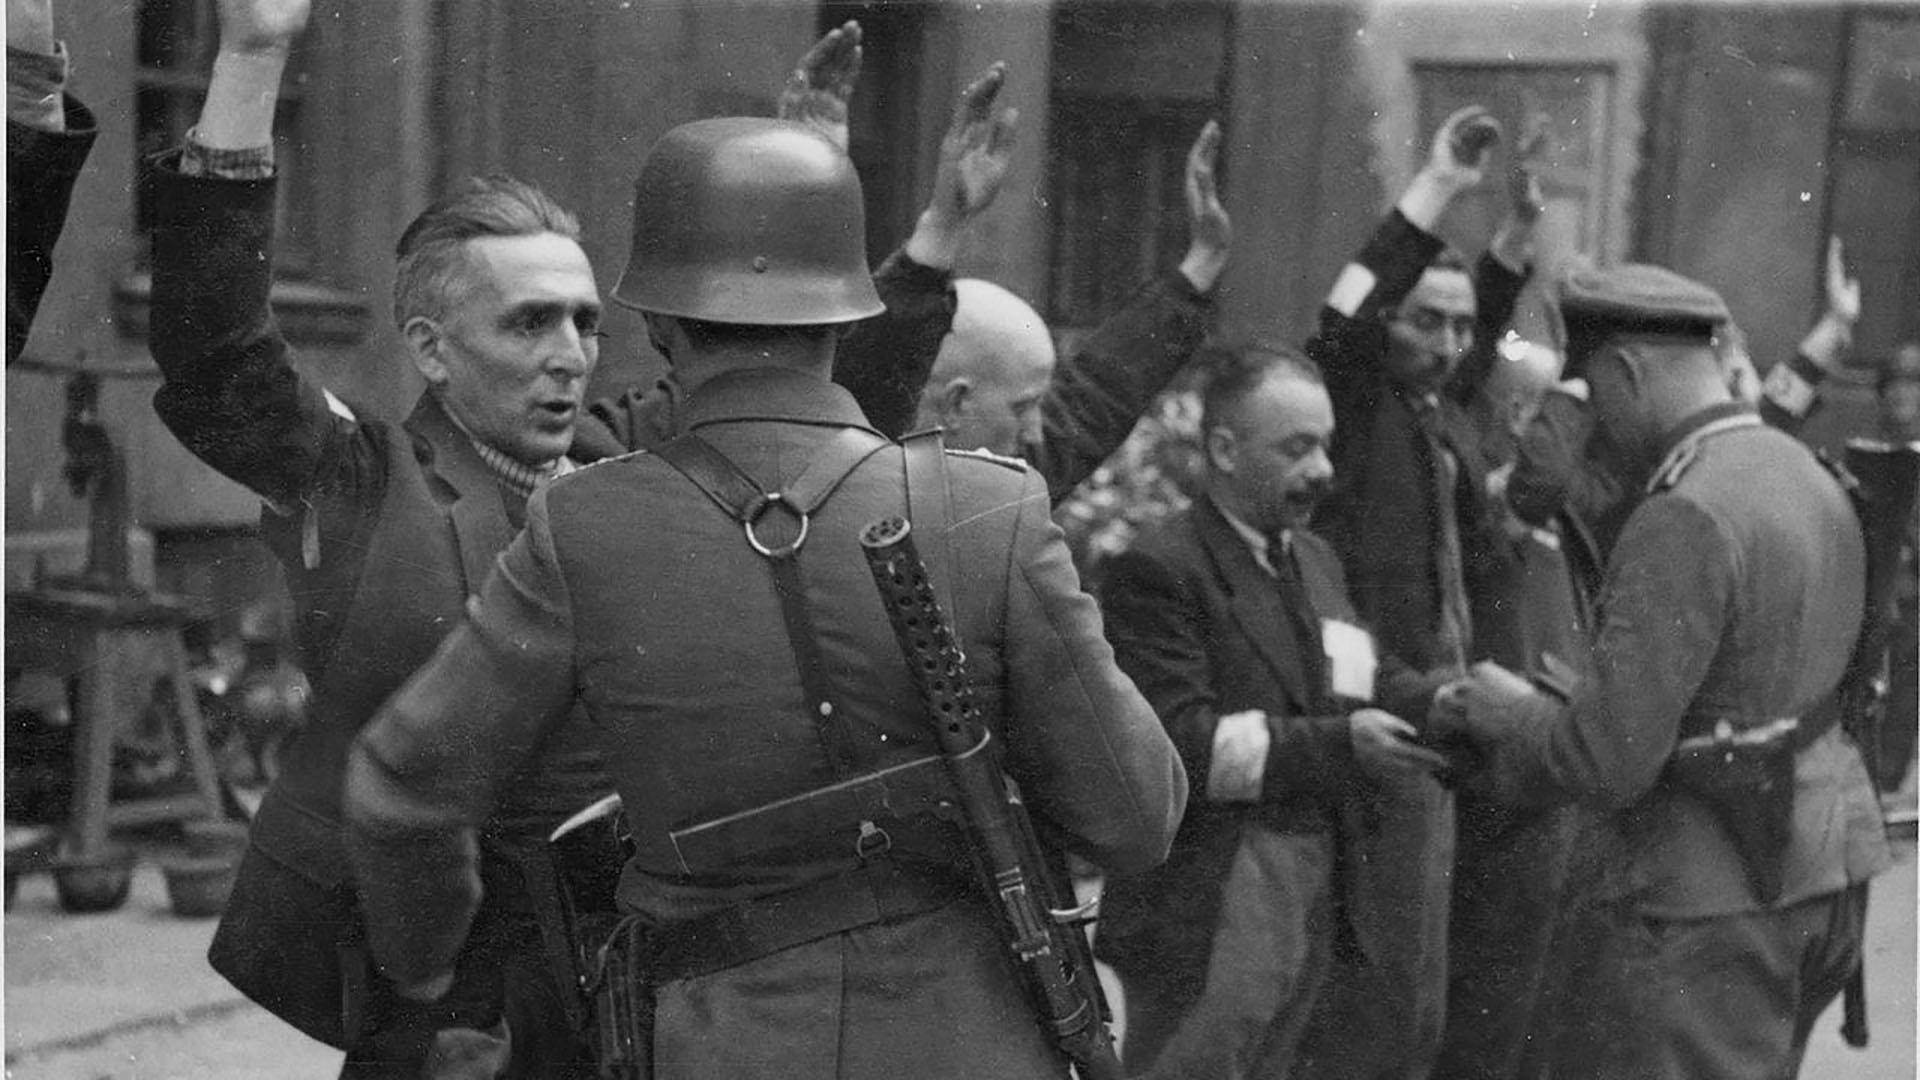 El gueto de Varsovia fue implantado en el centro de la capital polaca entre octubre y noviembre de 1940